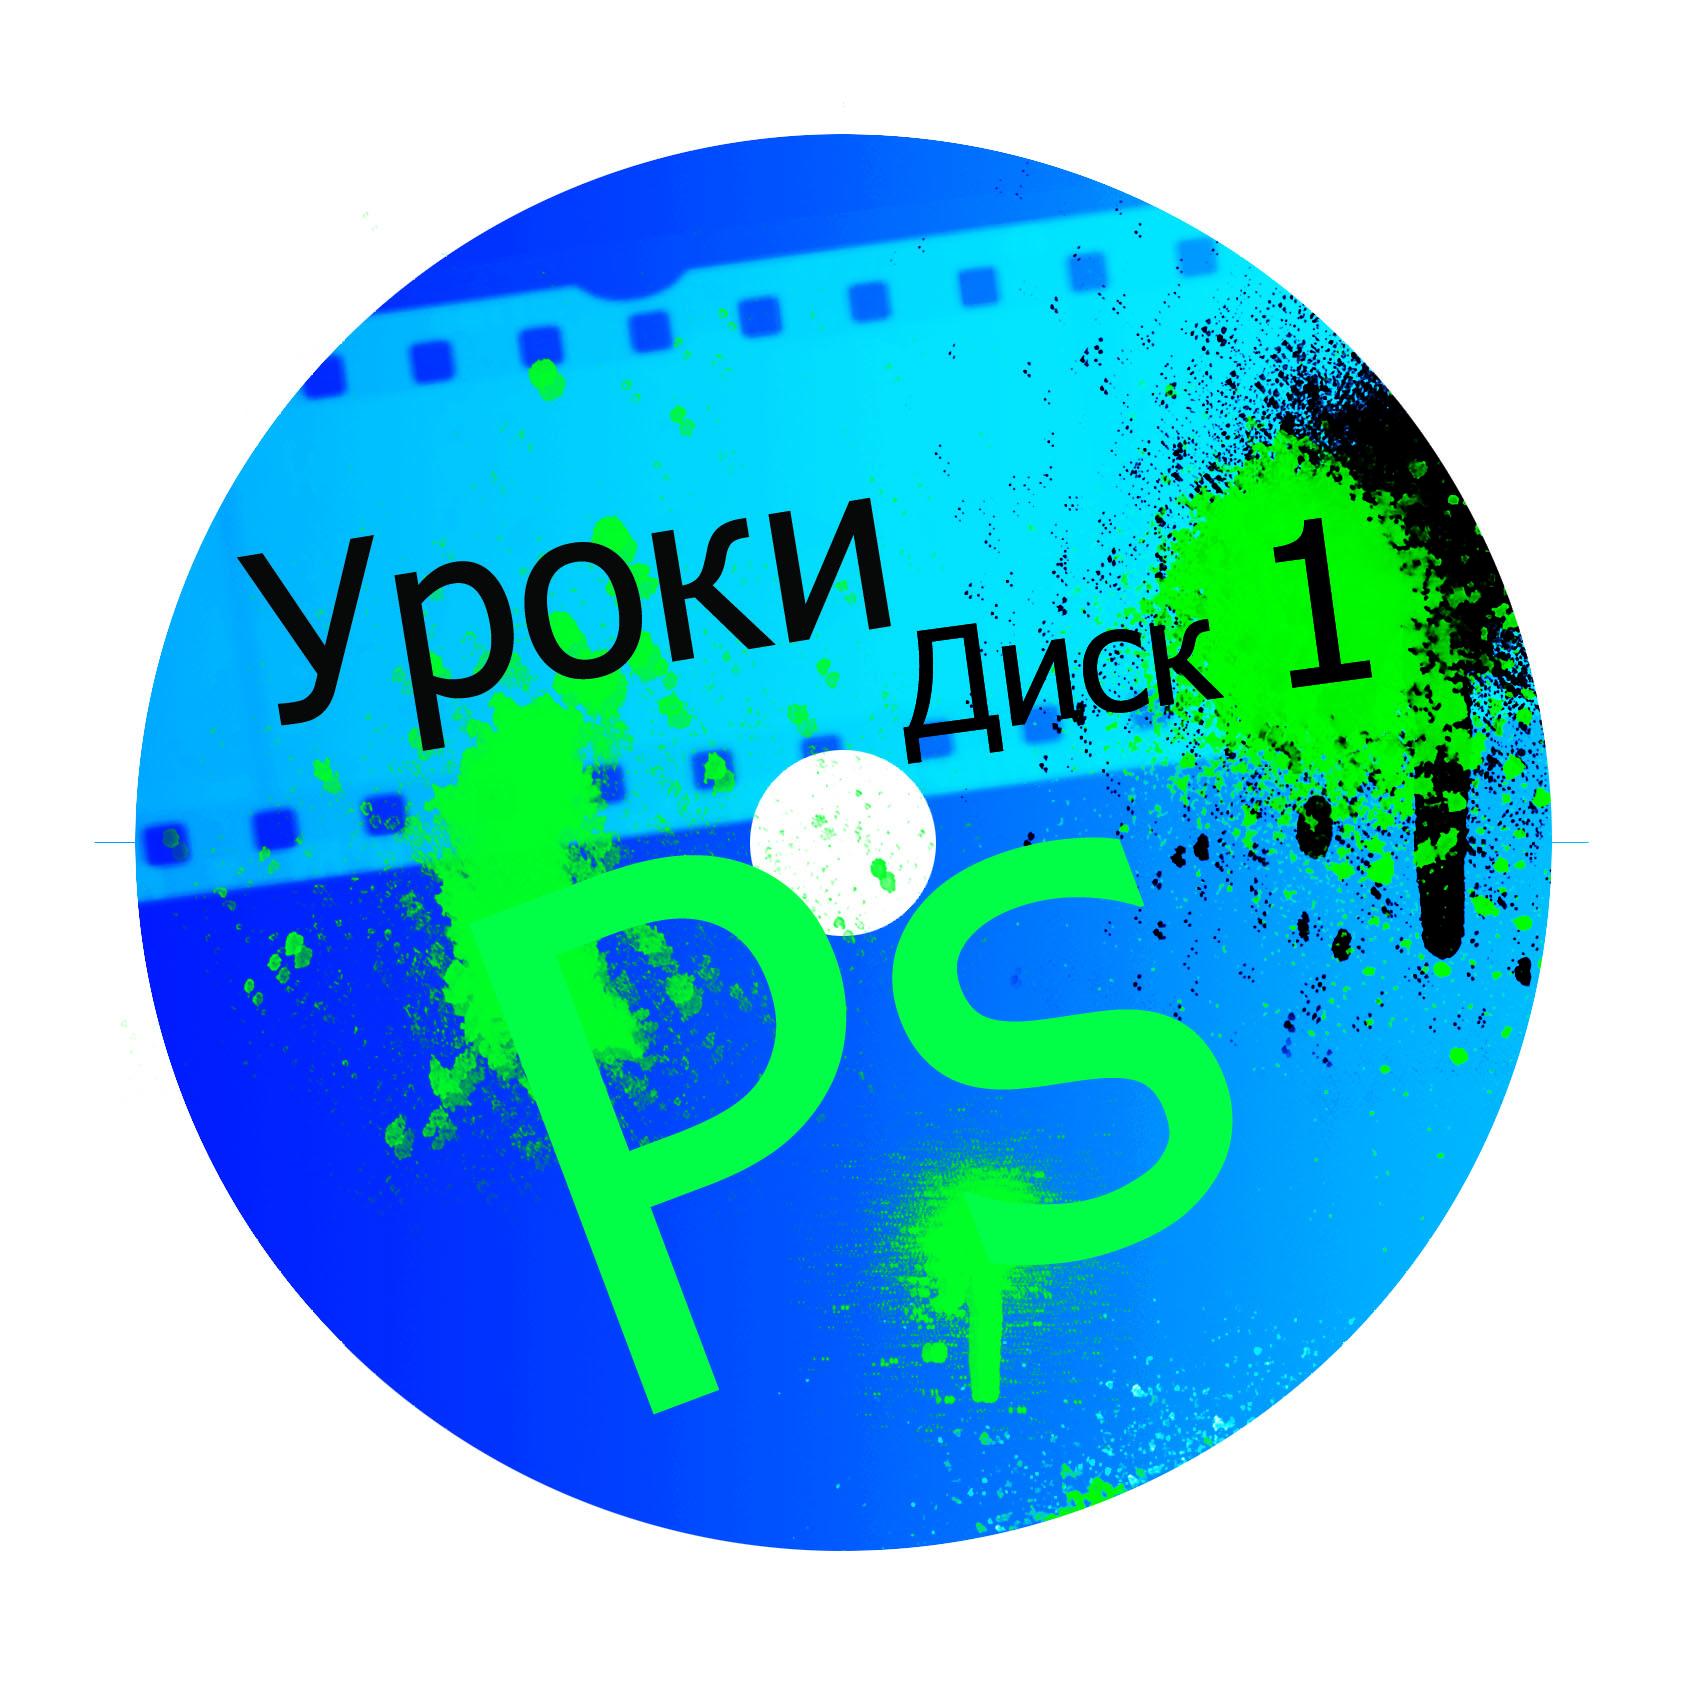 Создание дизайна DVD релиза (обложка, накатка, меню и т.п.) фото f_4d8b9d214eea5.jpg